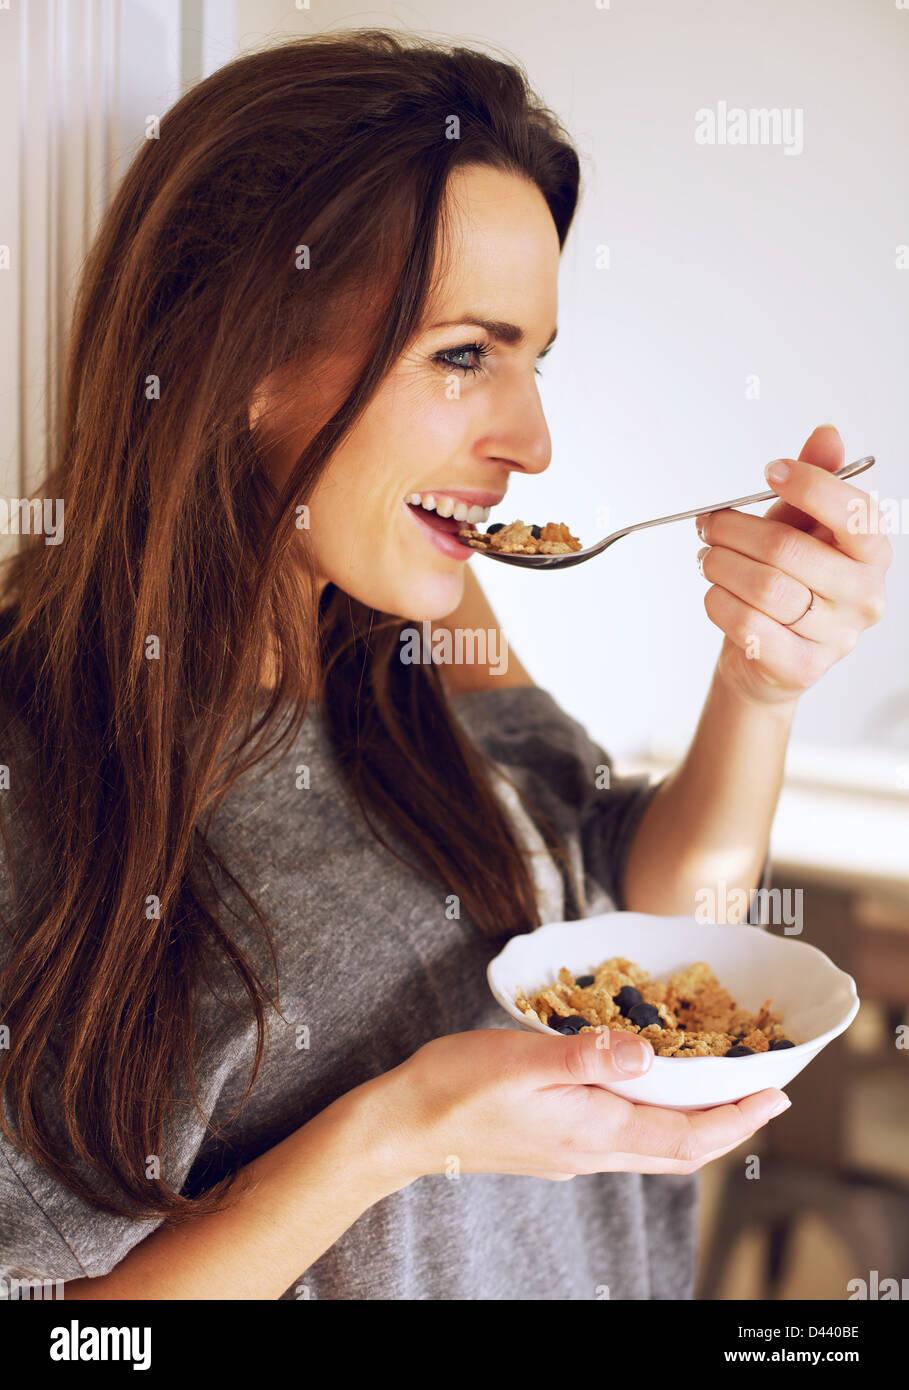 Porträt einer lächelnden Frau Essen zu Hause ihr Frühstück Stockbild